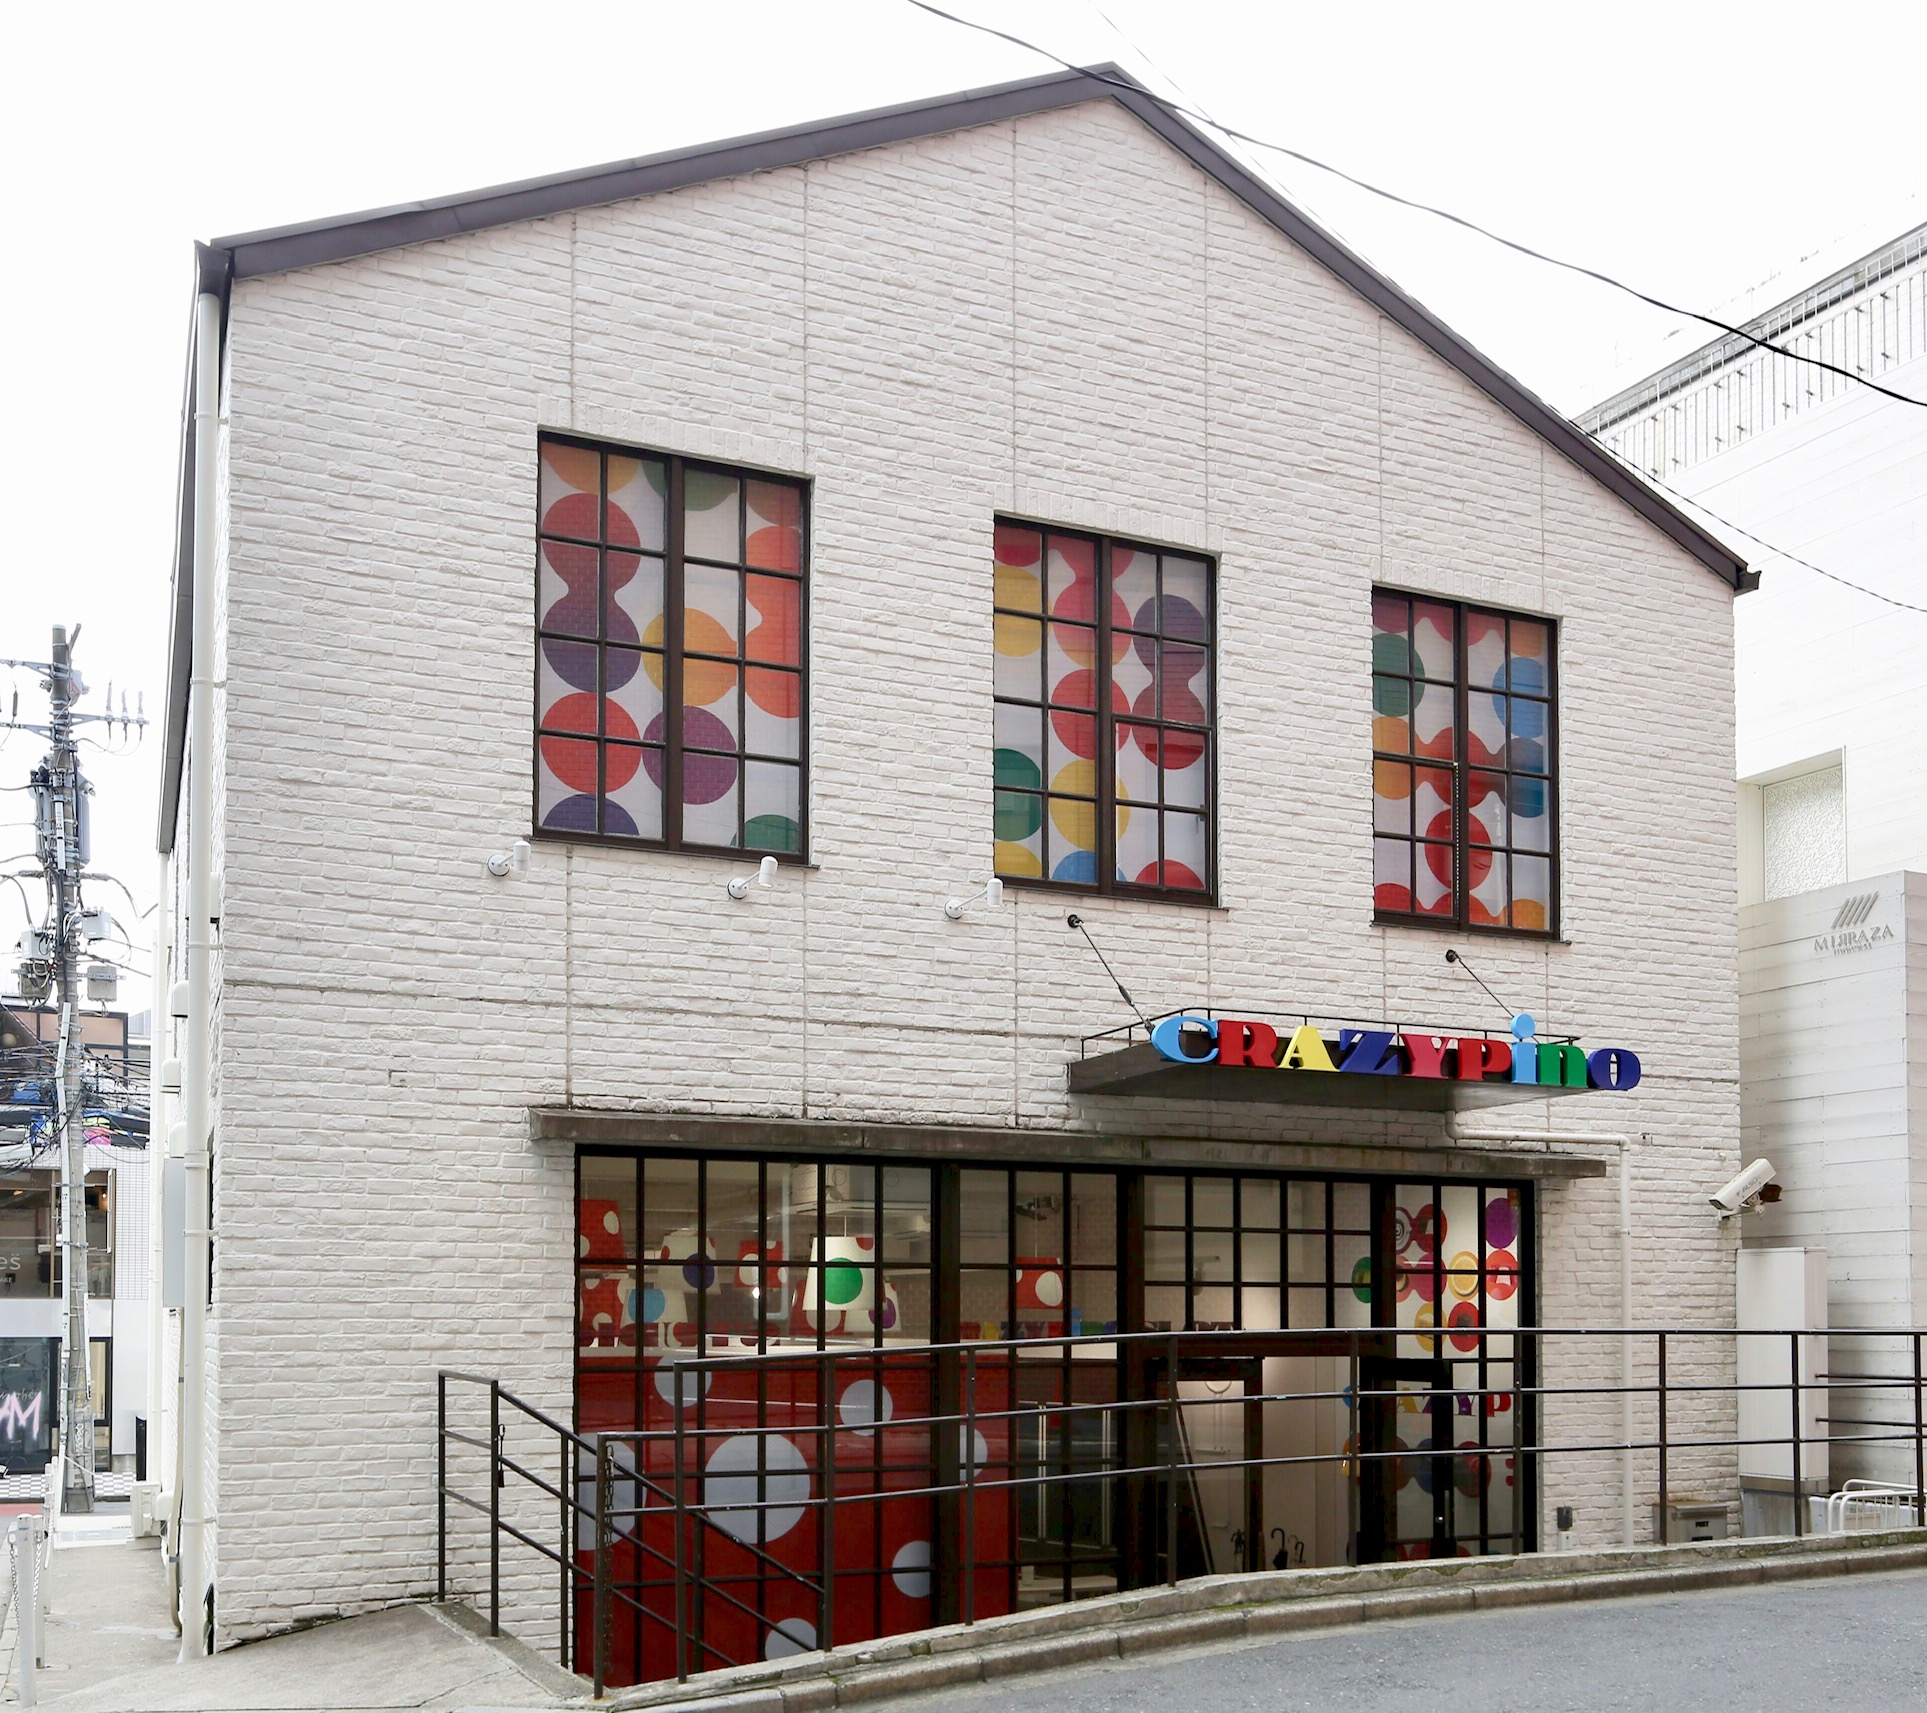 タピオカと「ピノ」を一緒に食べる!? 「ピノ」の未知の美味しさを楽しむ「CRAZYpino STUDIO」Photo Gallery_1_18